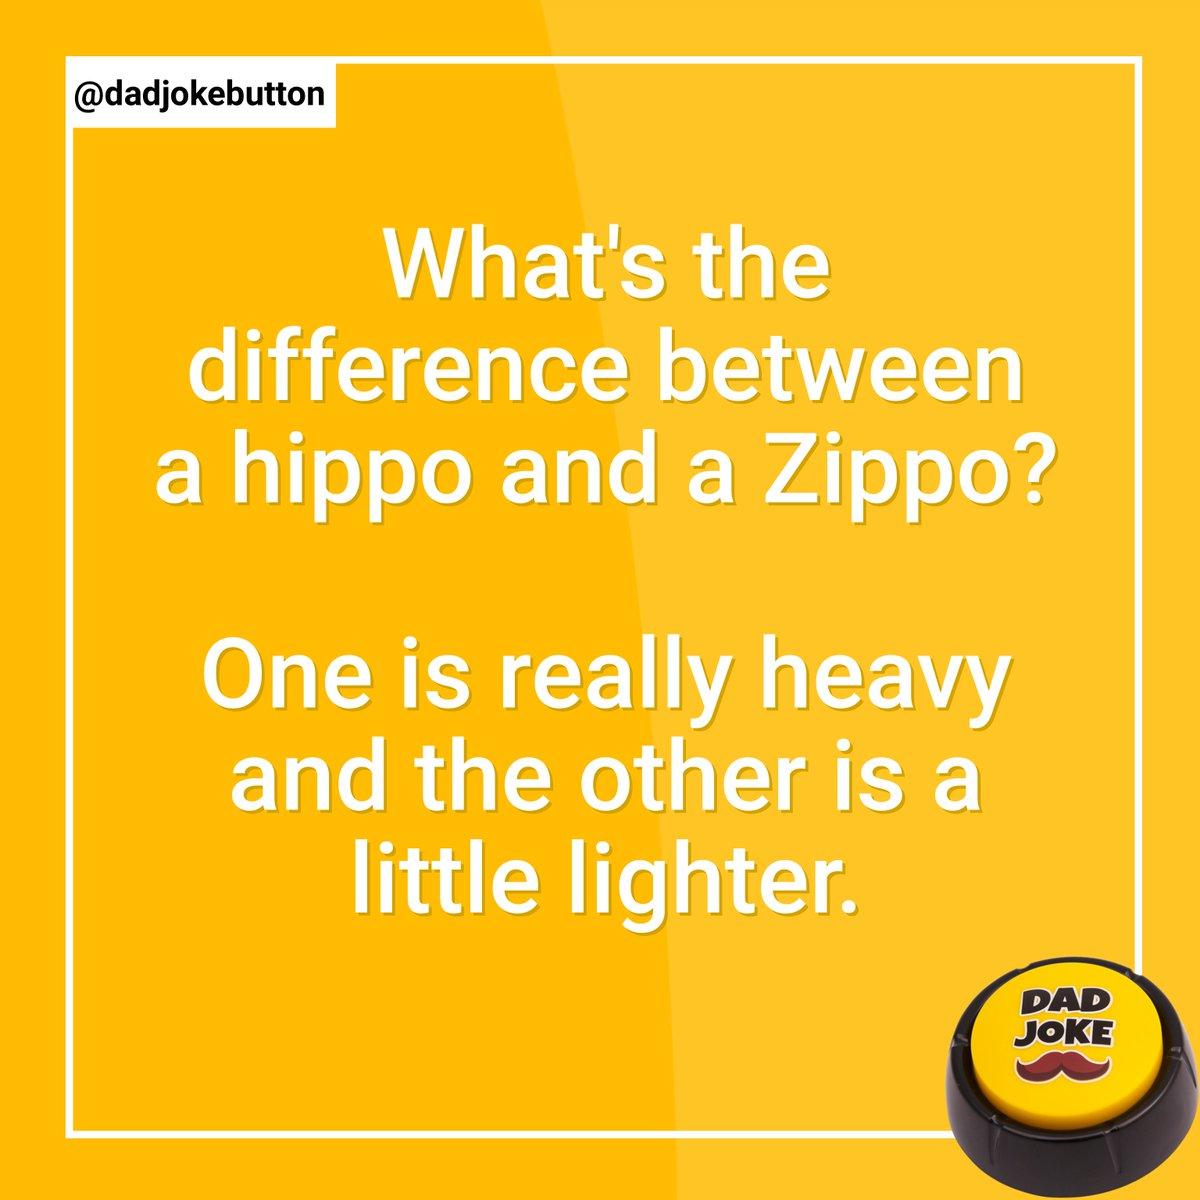 Follow @dadjokebutton  .  #dadjoke #dadjokes #jokes #joke #funny #comedy #puns #punsworld #punsfordays #jokesfordays #funnyjokes #jokesdaily #dailyjokes #humour #relatablejokes #laugh #joking #funnymemes #punny #pun #humor #talkingbuttonpic.twitter.com/CJlubjNal3